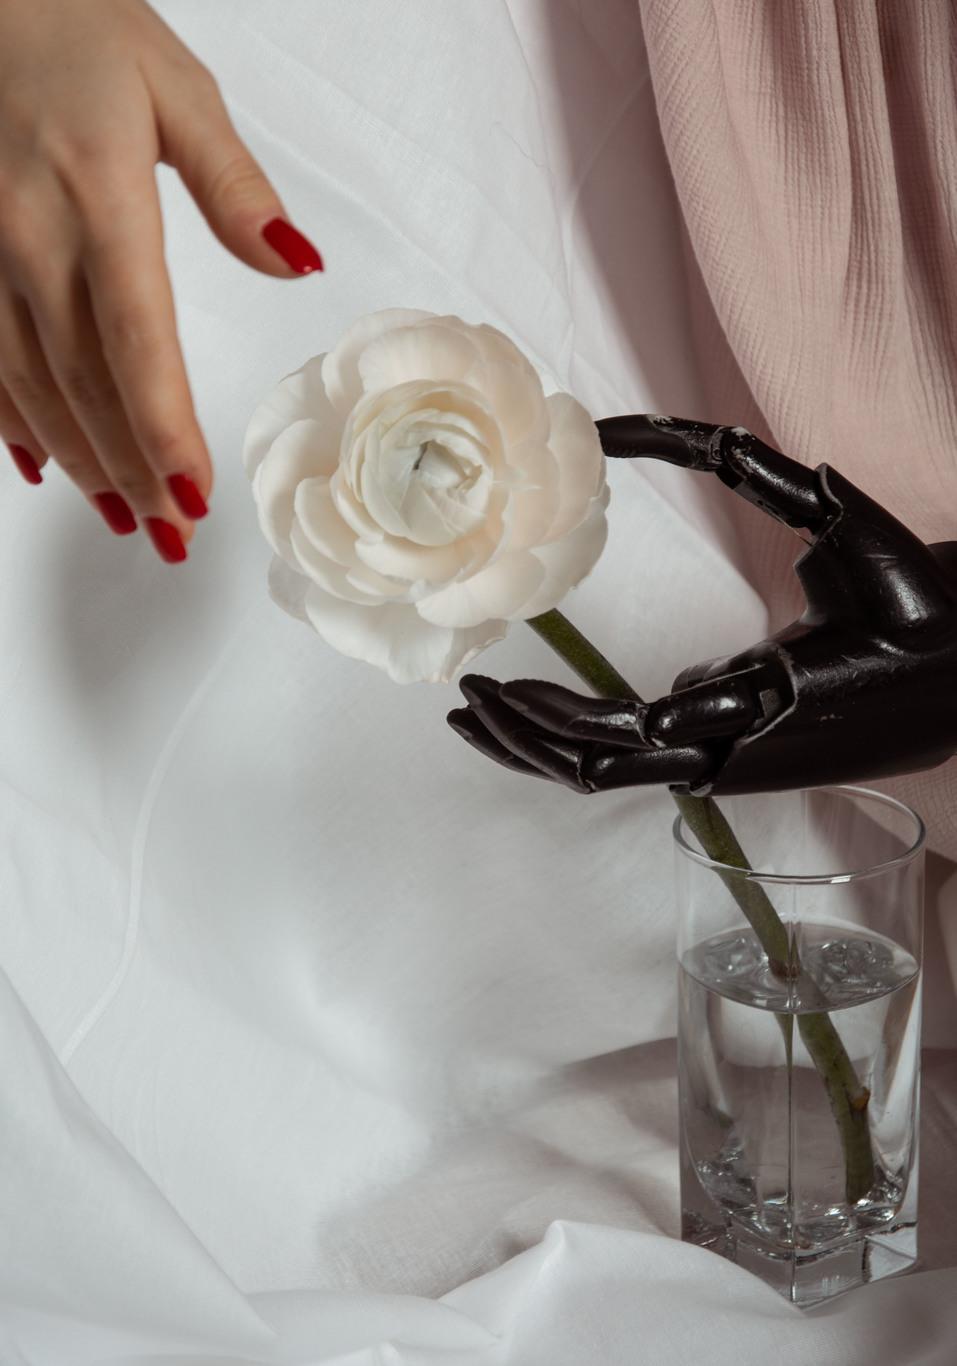 Как российская компания научилась делать роботизированные протезы для детей и взрослых  1